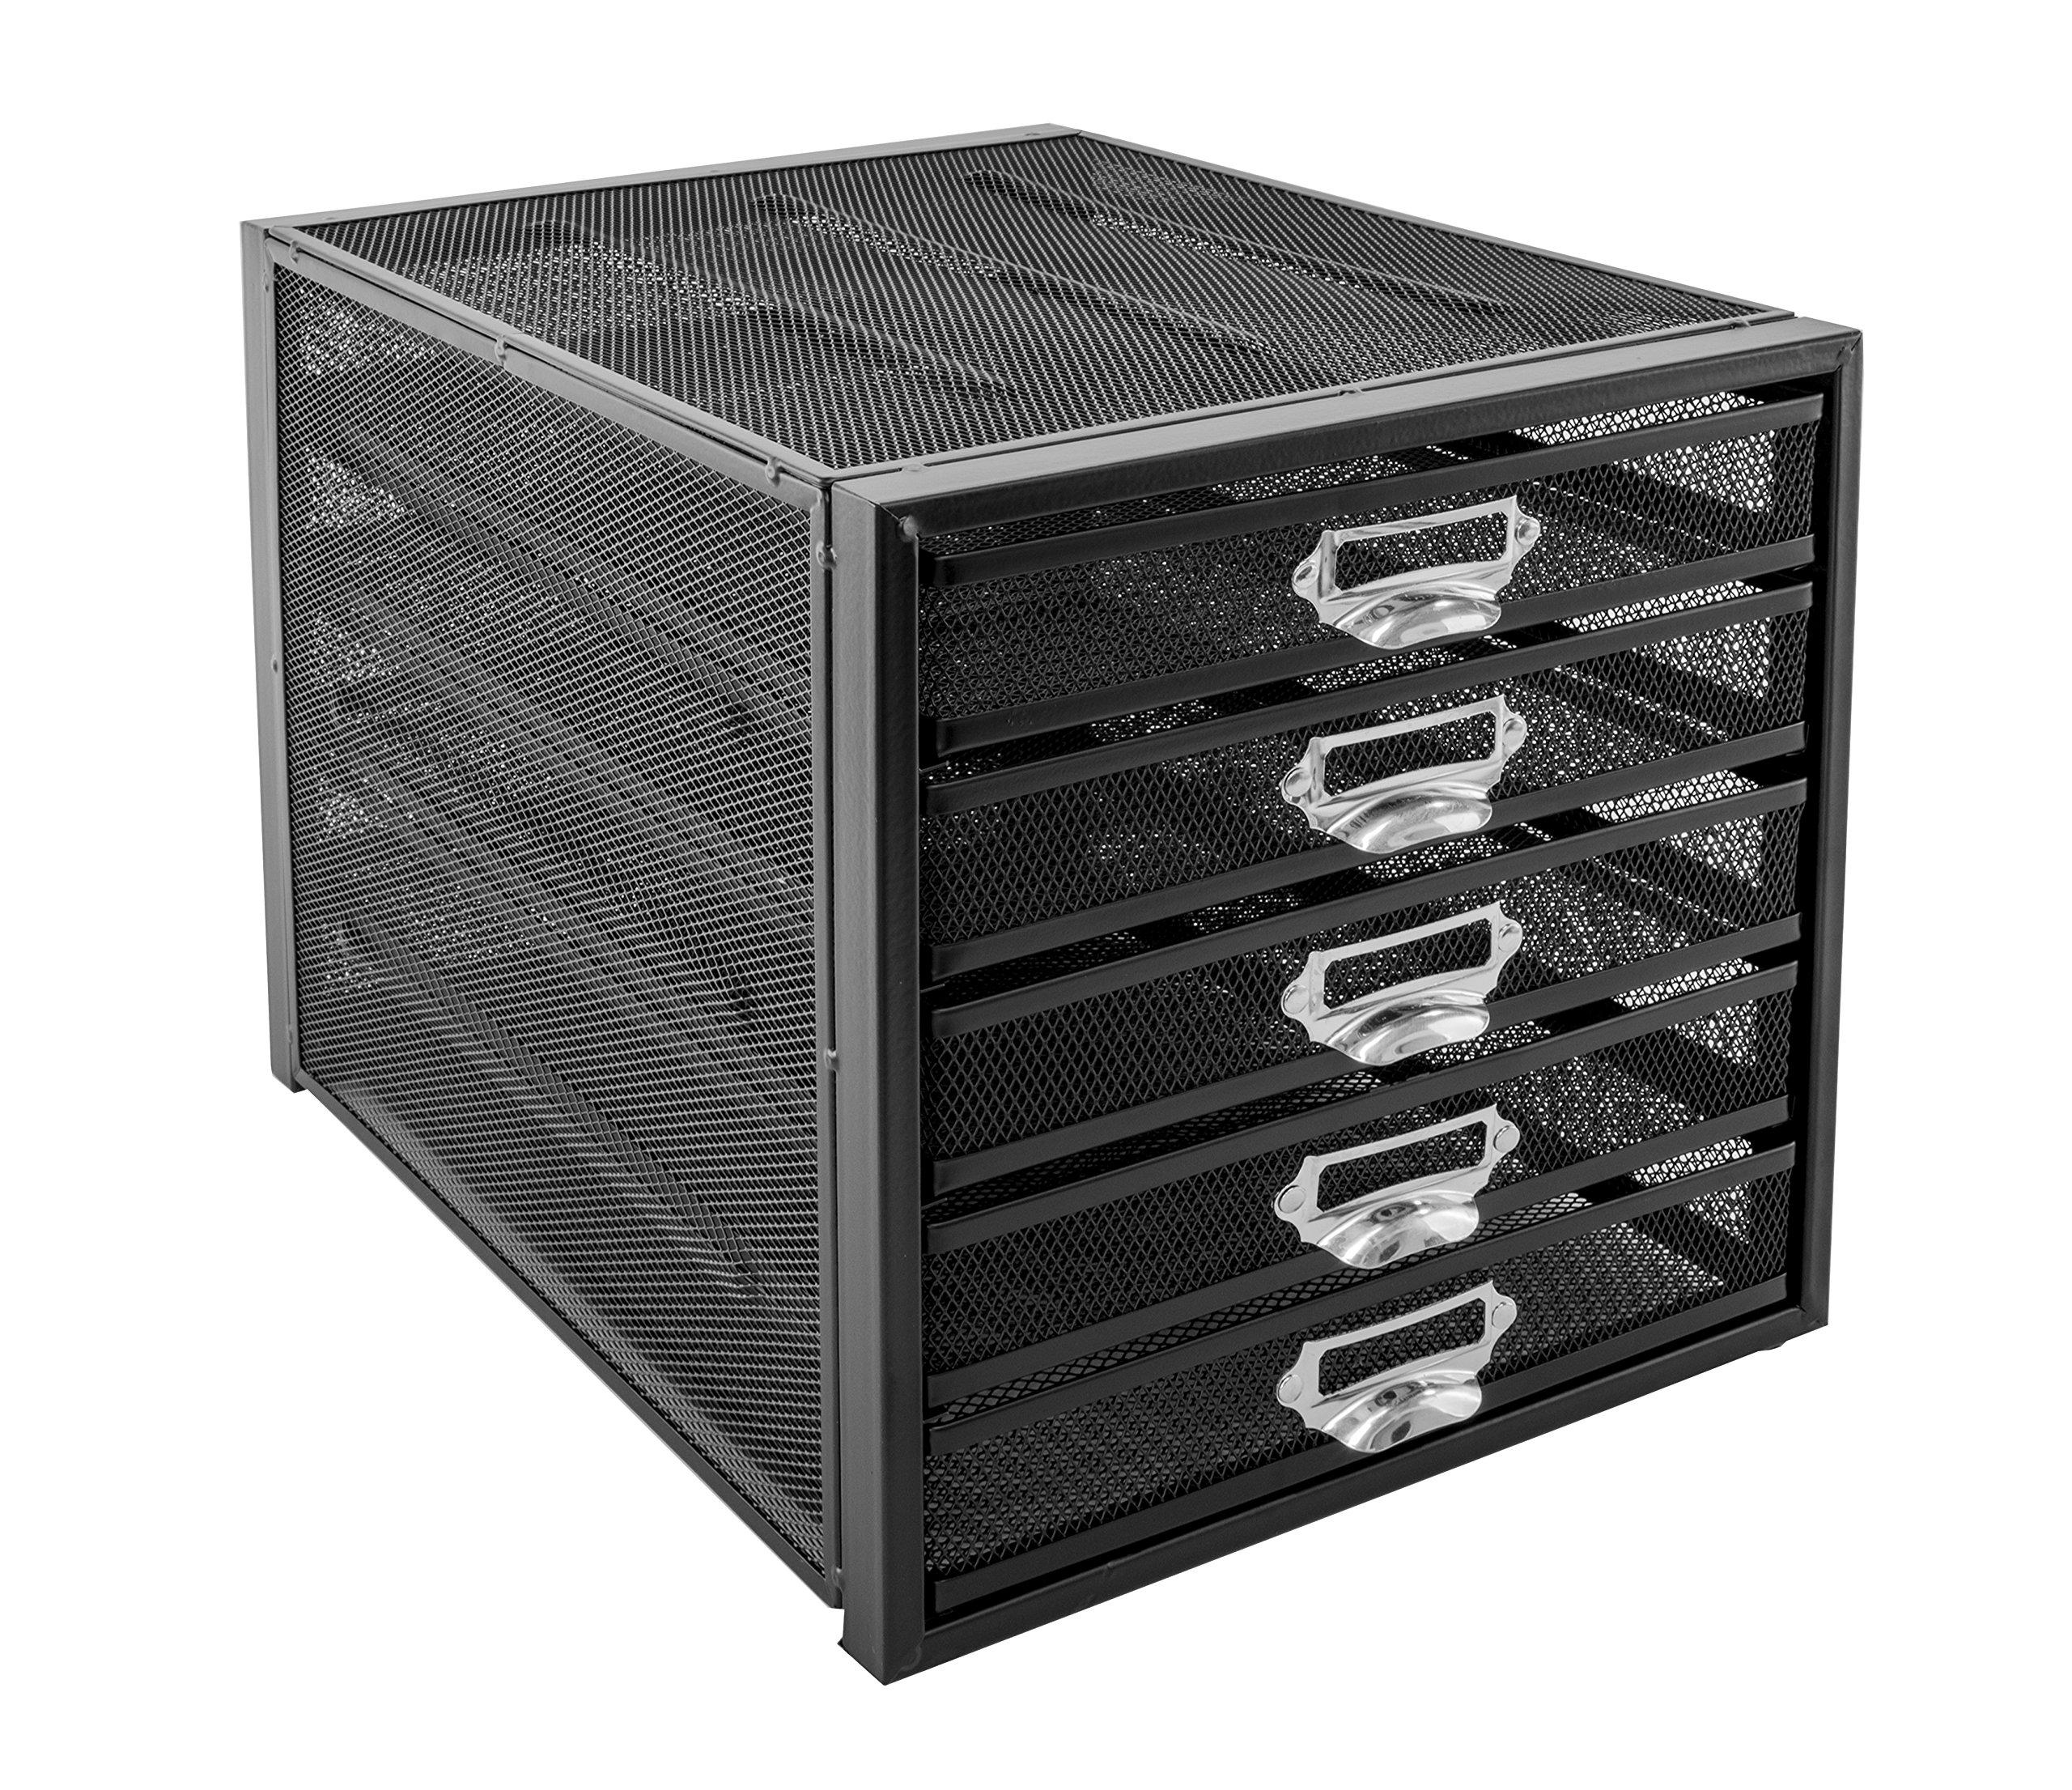 Osco M5T-BLK - Organizador de documentos de malla metálica, de 5 niveles product